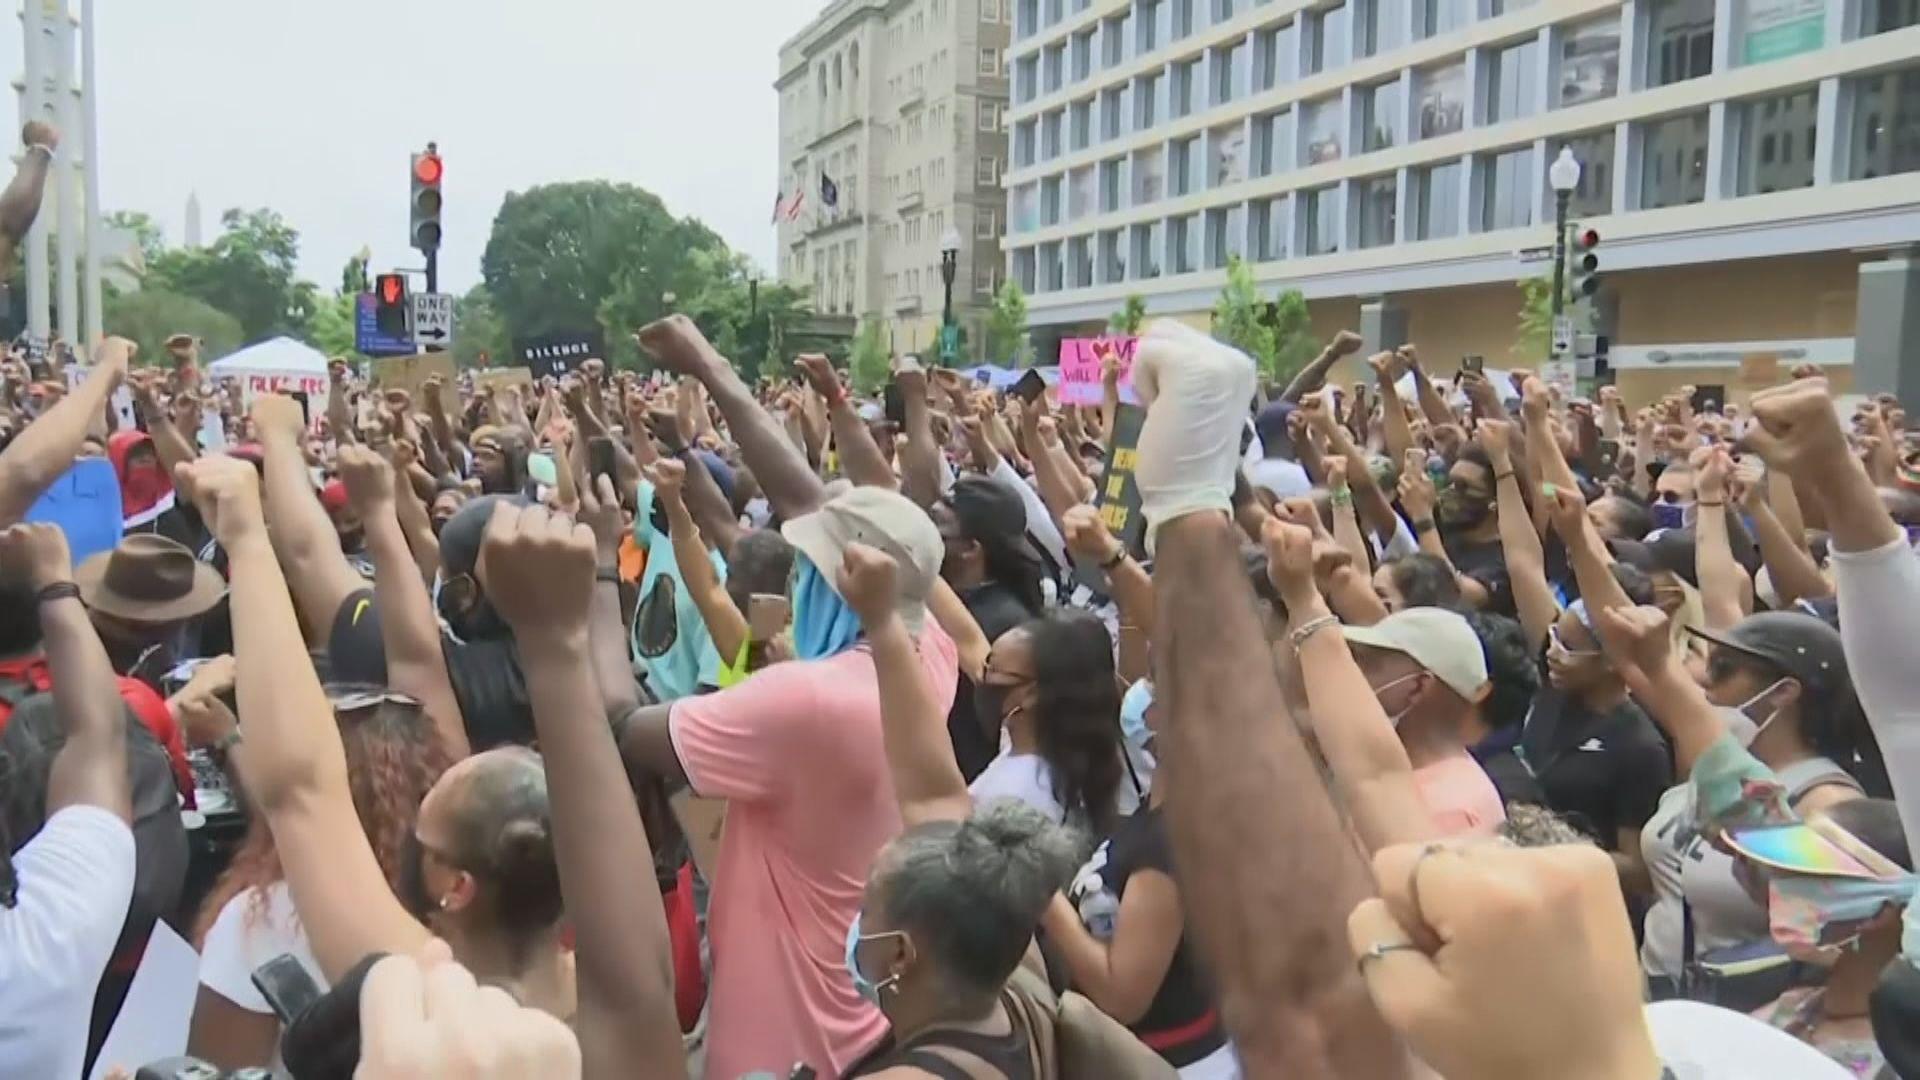 美國多地續有示威抗議弗洛伊德死亡事件